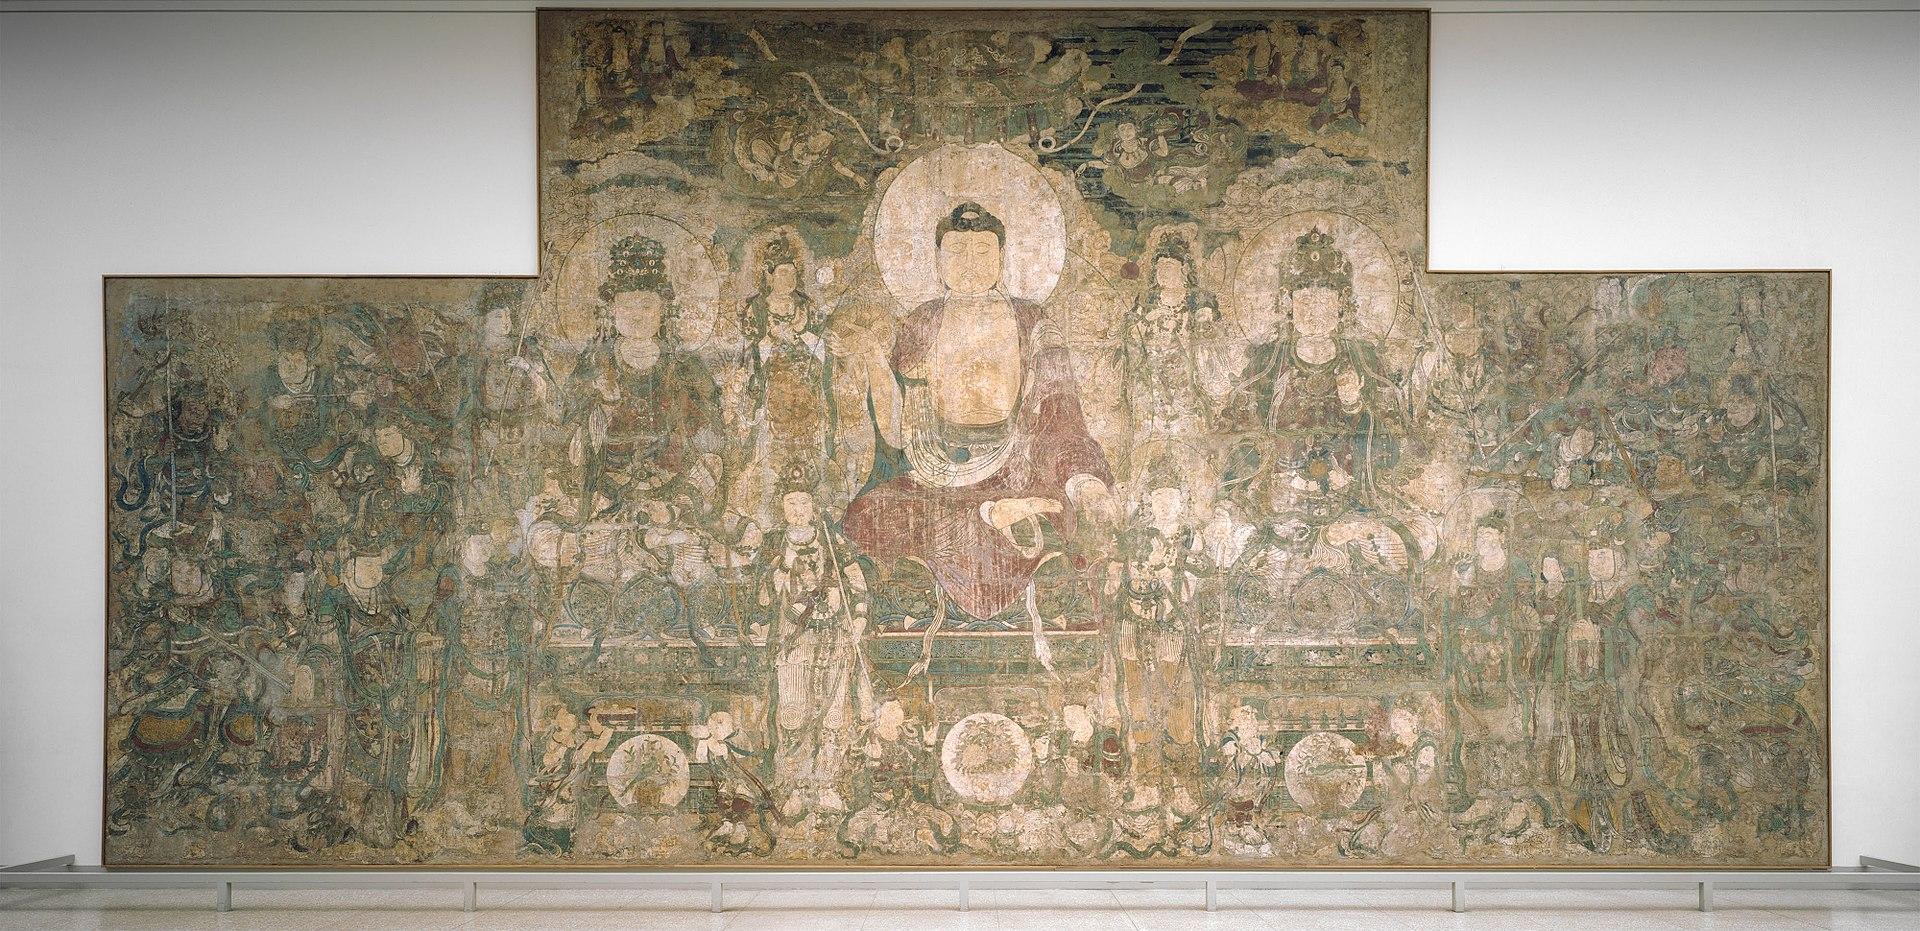 1309-Buddha_of_Medicine_Bhaishajyaguru_(Yaoshi_fo)_-_Google_Art_Project.jpg